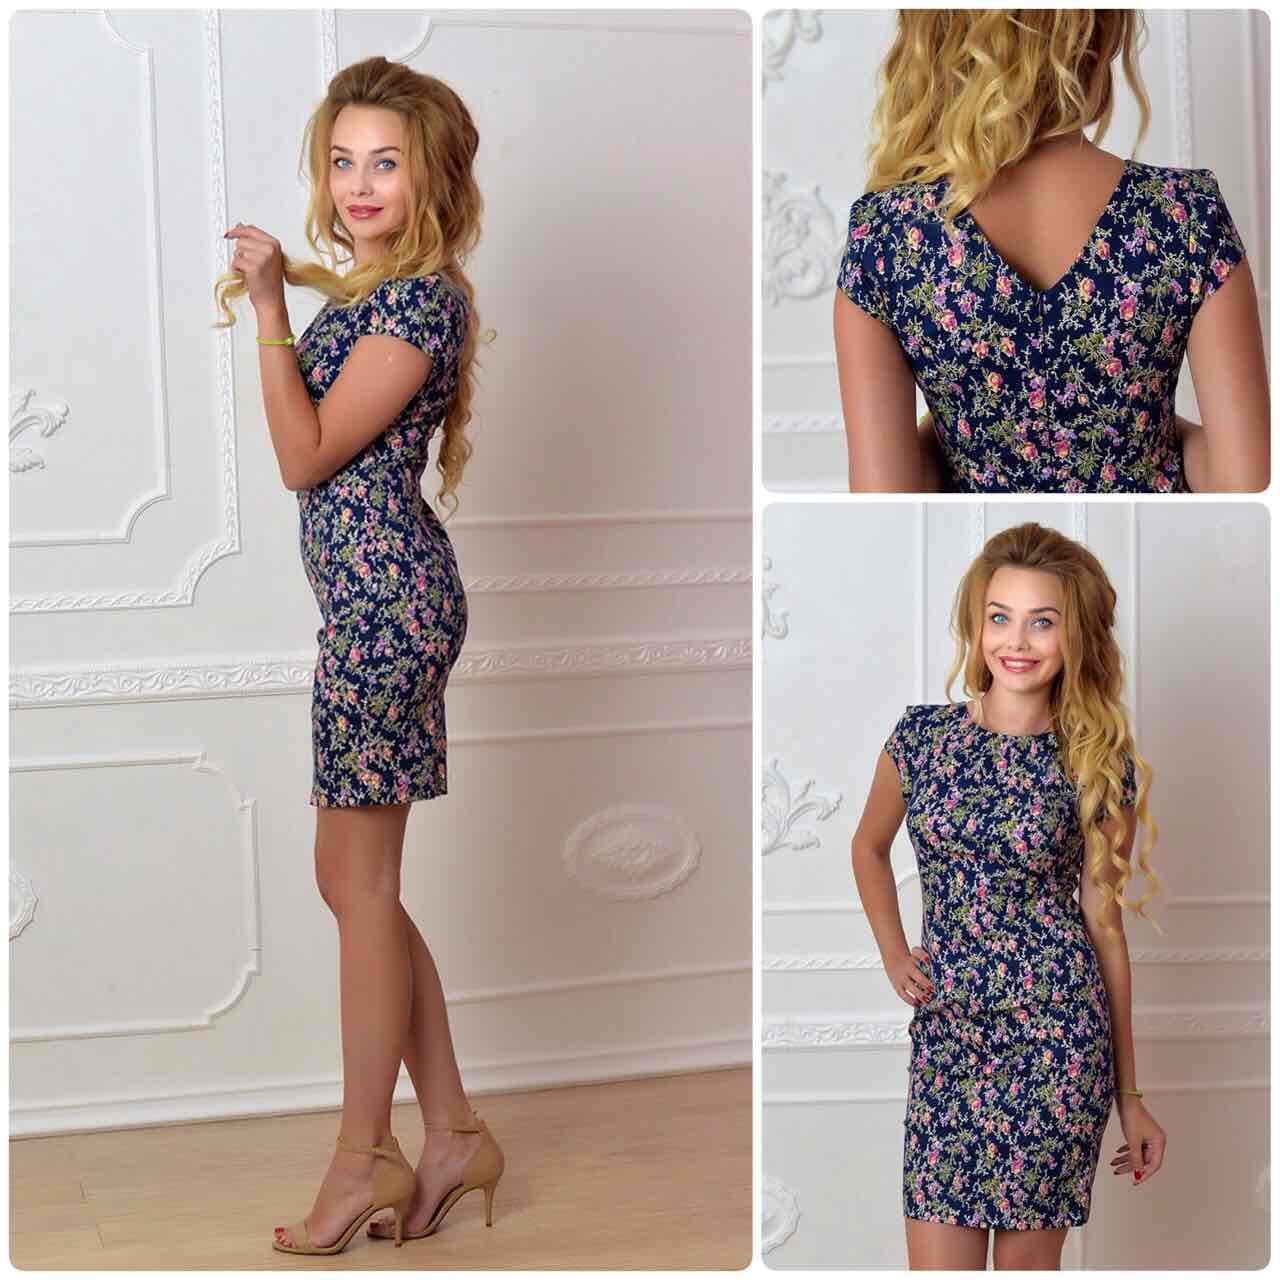 Платье, модель 716, цвет - синий в цветок